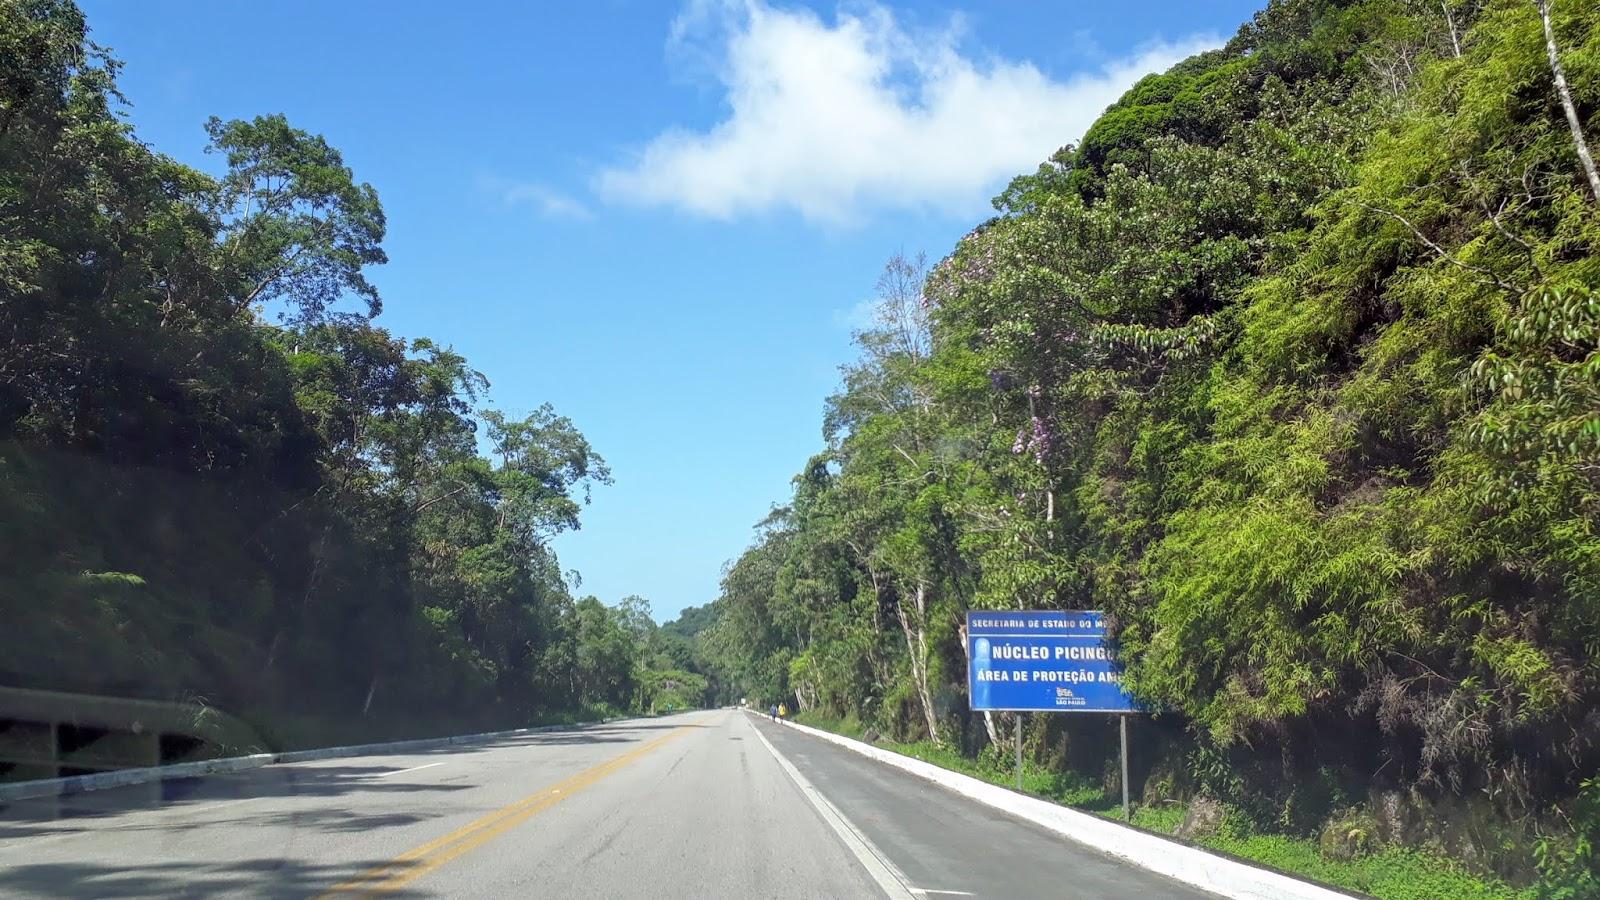 Rodovia Rio-Santos com a placa de Picinguaba